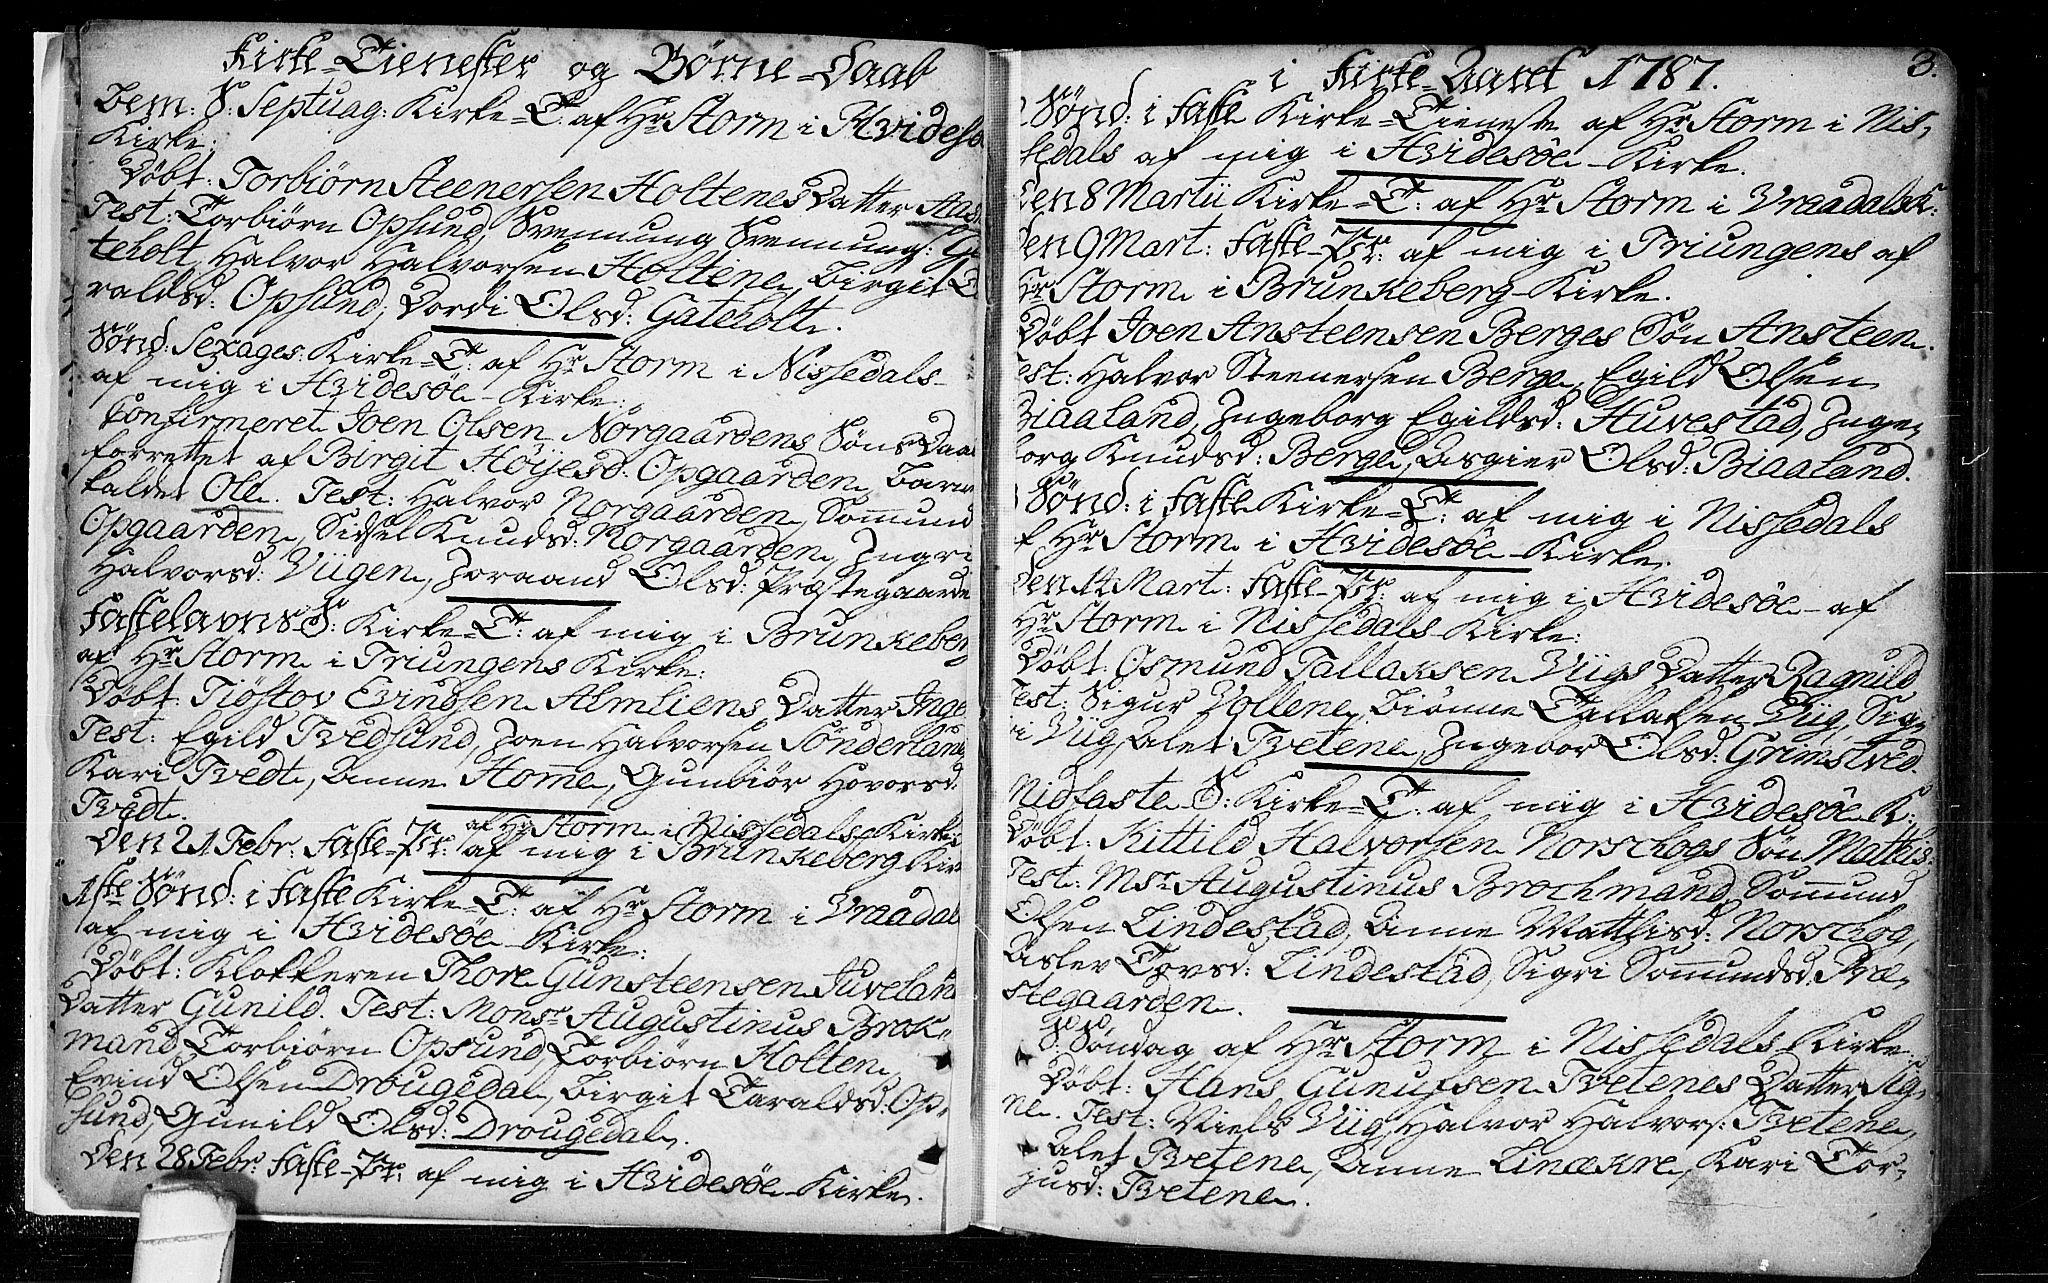 SAKO, Kviteseid kirkebøker, F/Fa/L0003: Ministerialbok nr. I 3, 1787-1799, s. 3